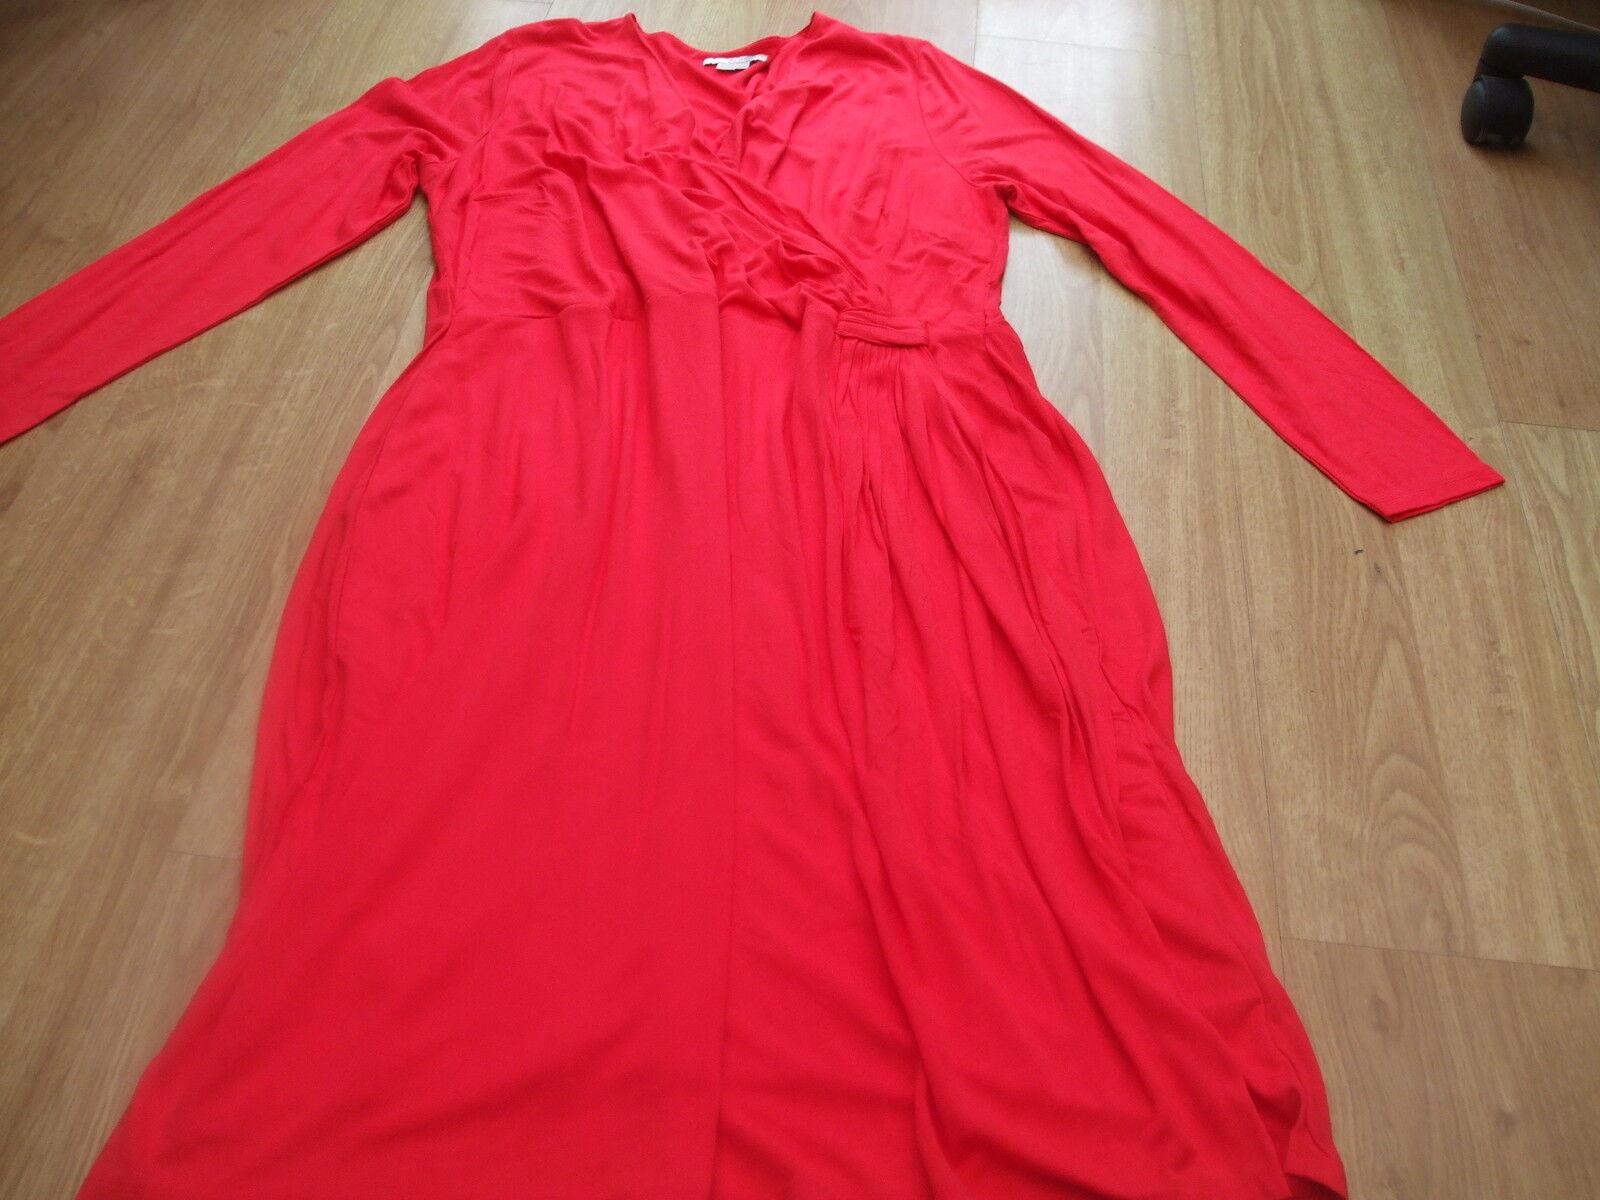 BODEN FAB rot rot rot HENRIETTA JERSEY DRESS Größe 10 LONG BNWOT | Förderung  48c7ae